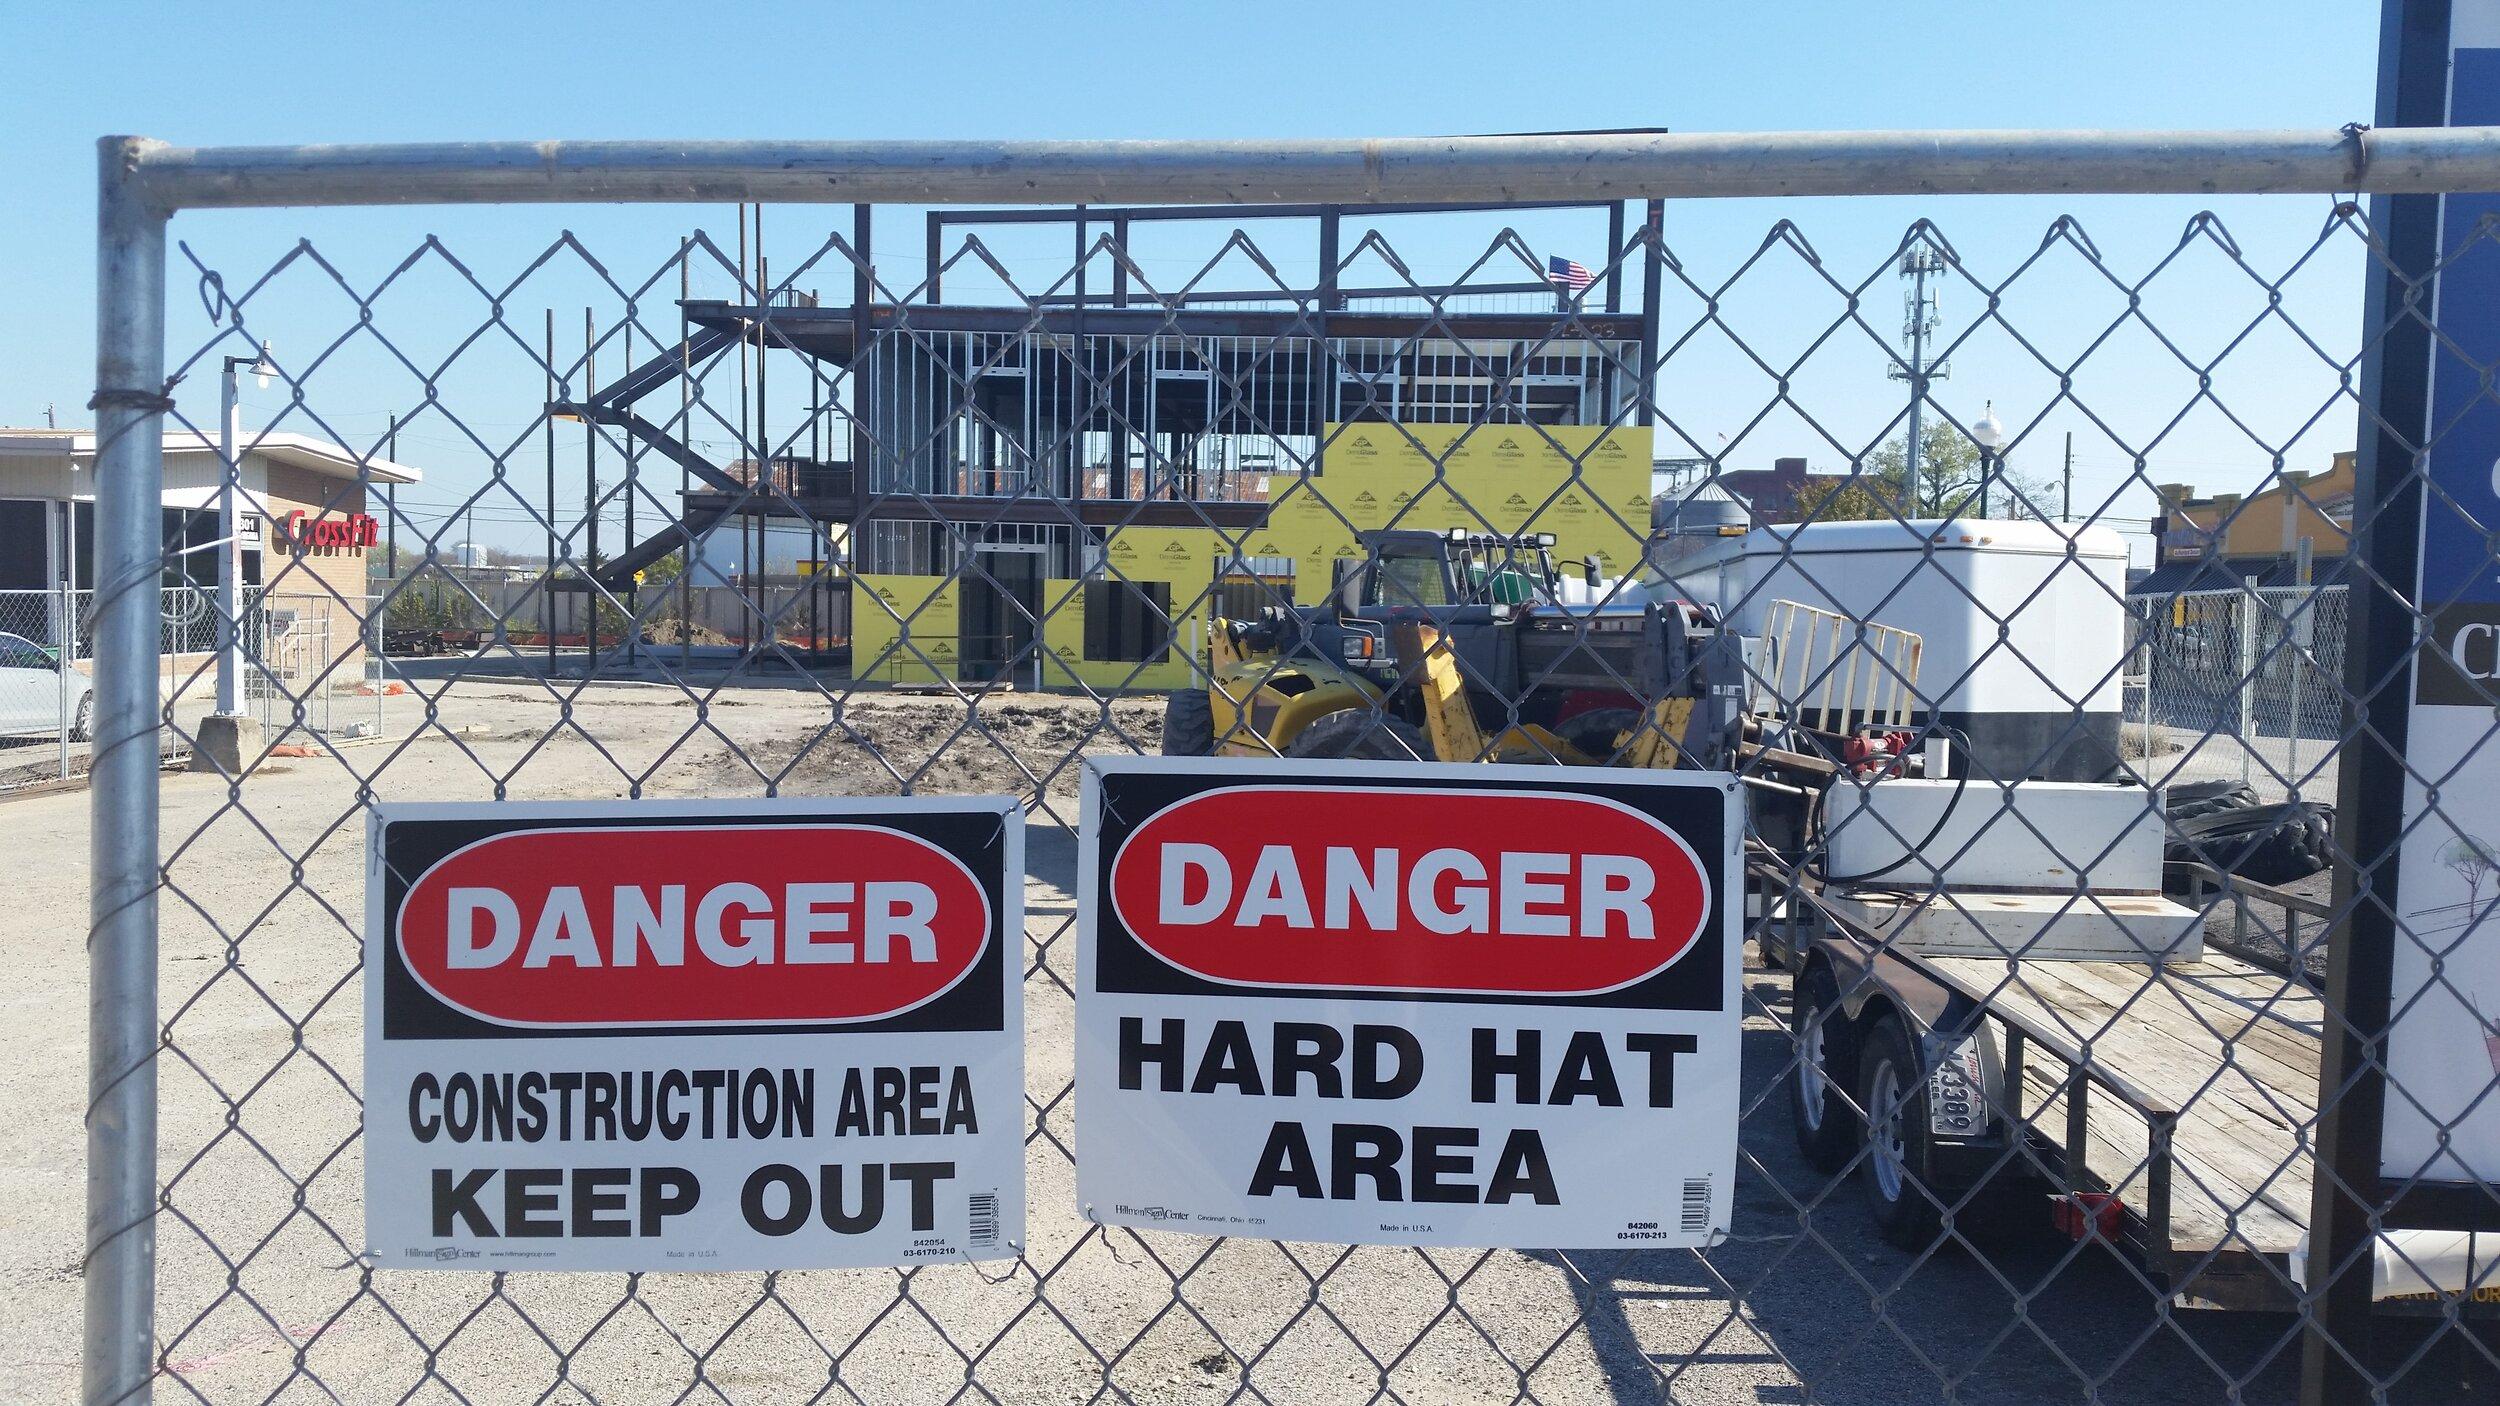 Danger Hard Hat Area